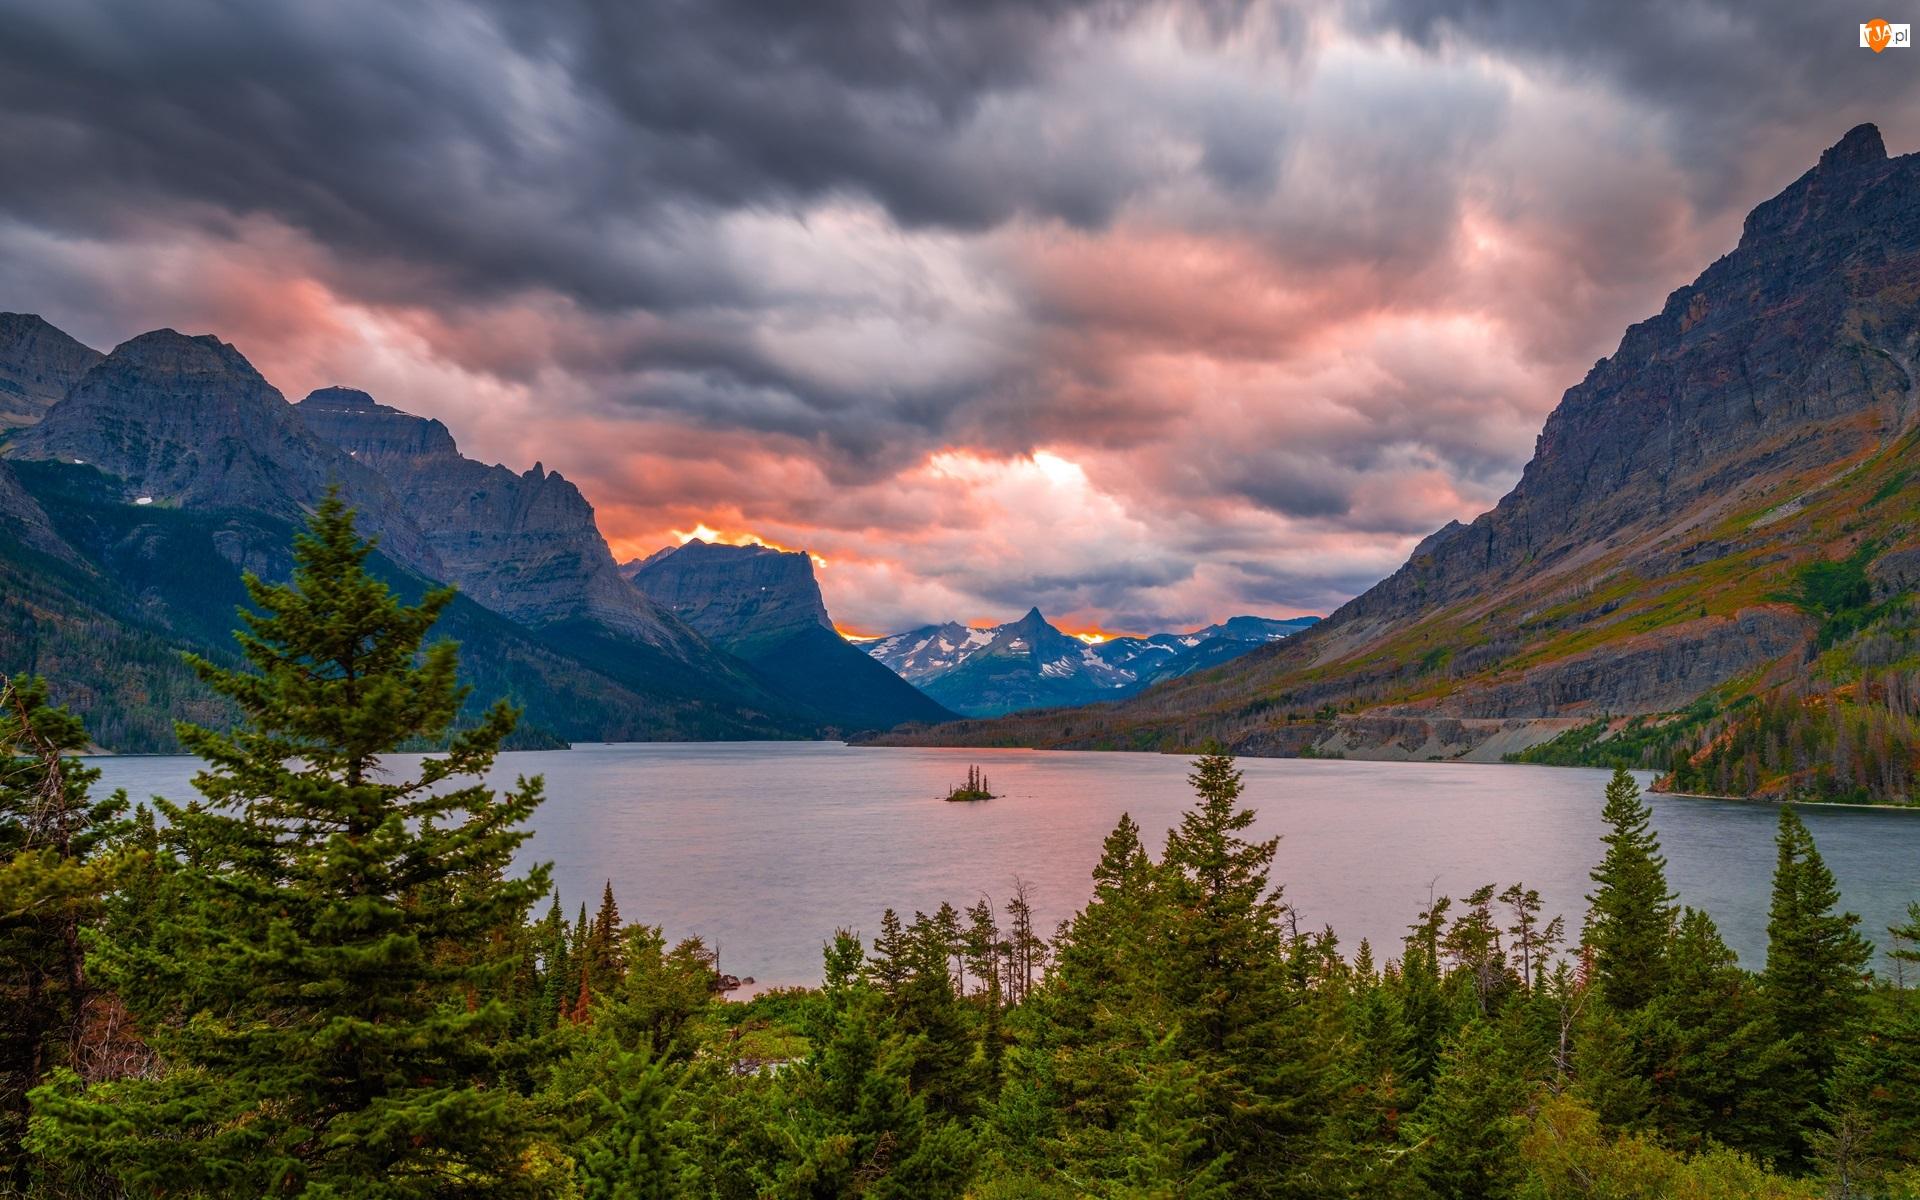 Zachód słońca, Stan Montana, Chmury, Saint Mary Lake, Drzewa, Park Narodowy Glacier, Góry, Stany Zjednoczone, Jezioro